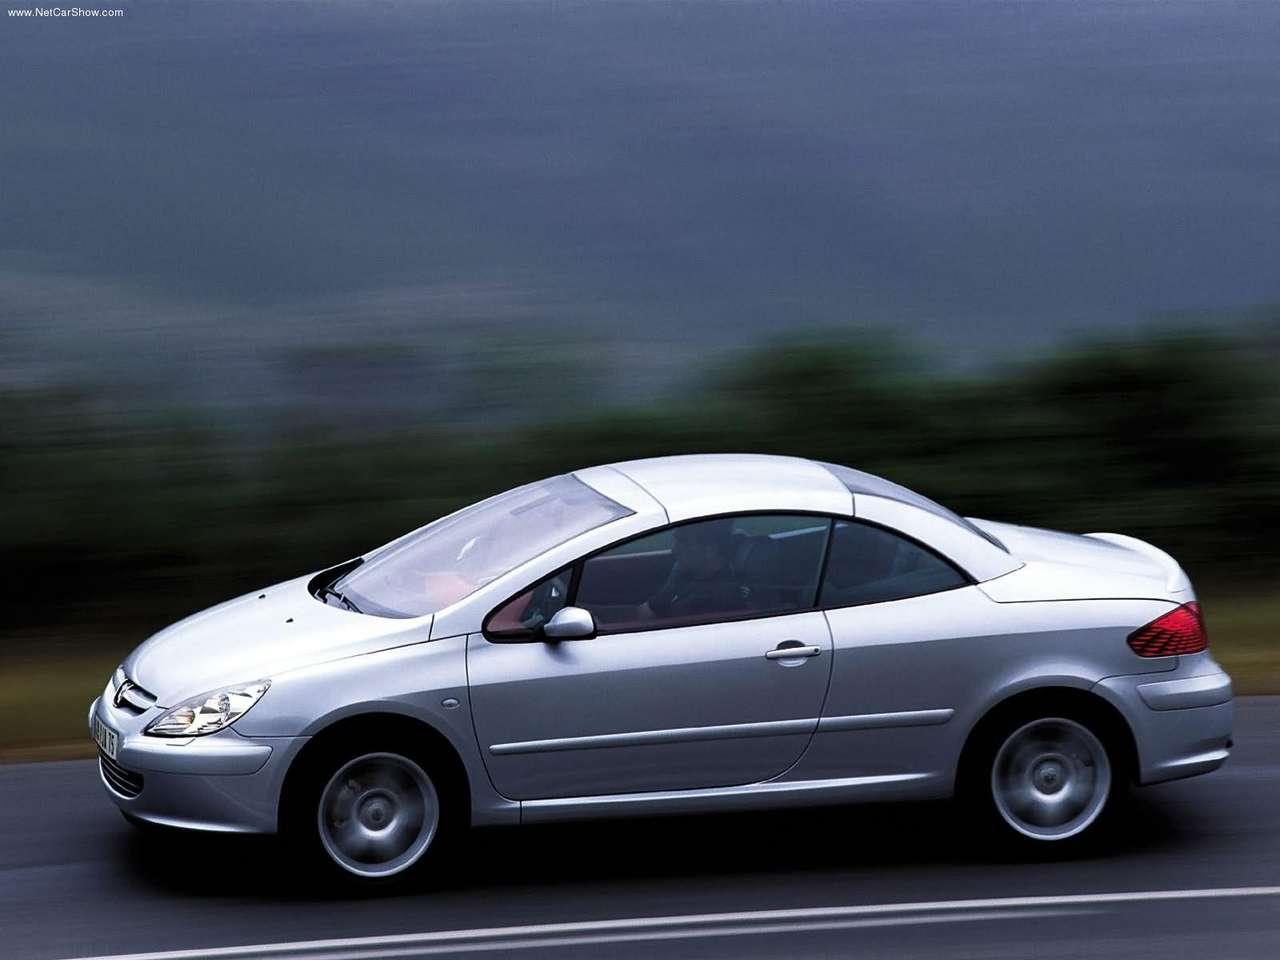 http://4.bp.blogspot.com/_xhqjRo6NERQ/S8nLr9DheRI/AAAAAAAAIX4/NB-R-LCJ9iY/s1600/Peugeot-307_CC_2003_1280x960_wallpaper_03.jpg